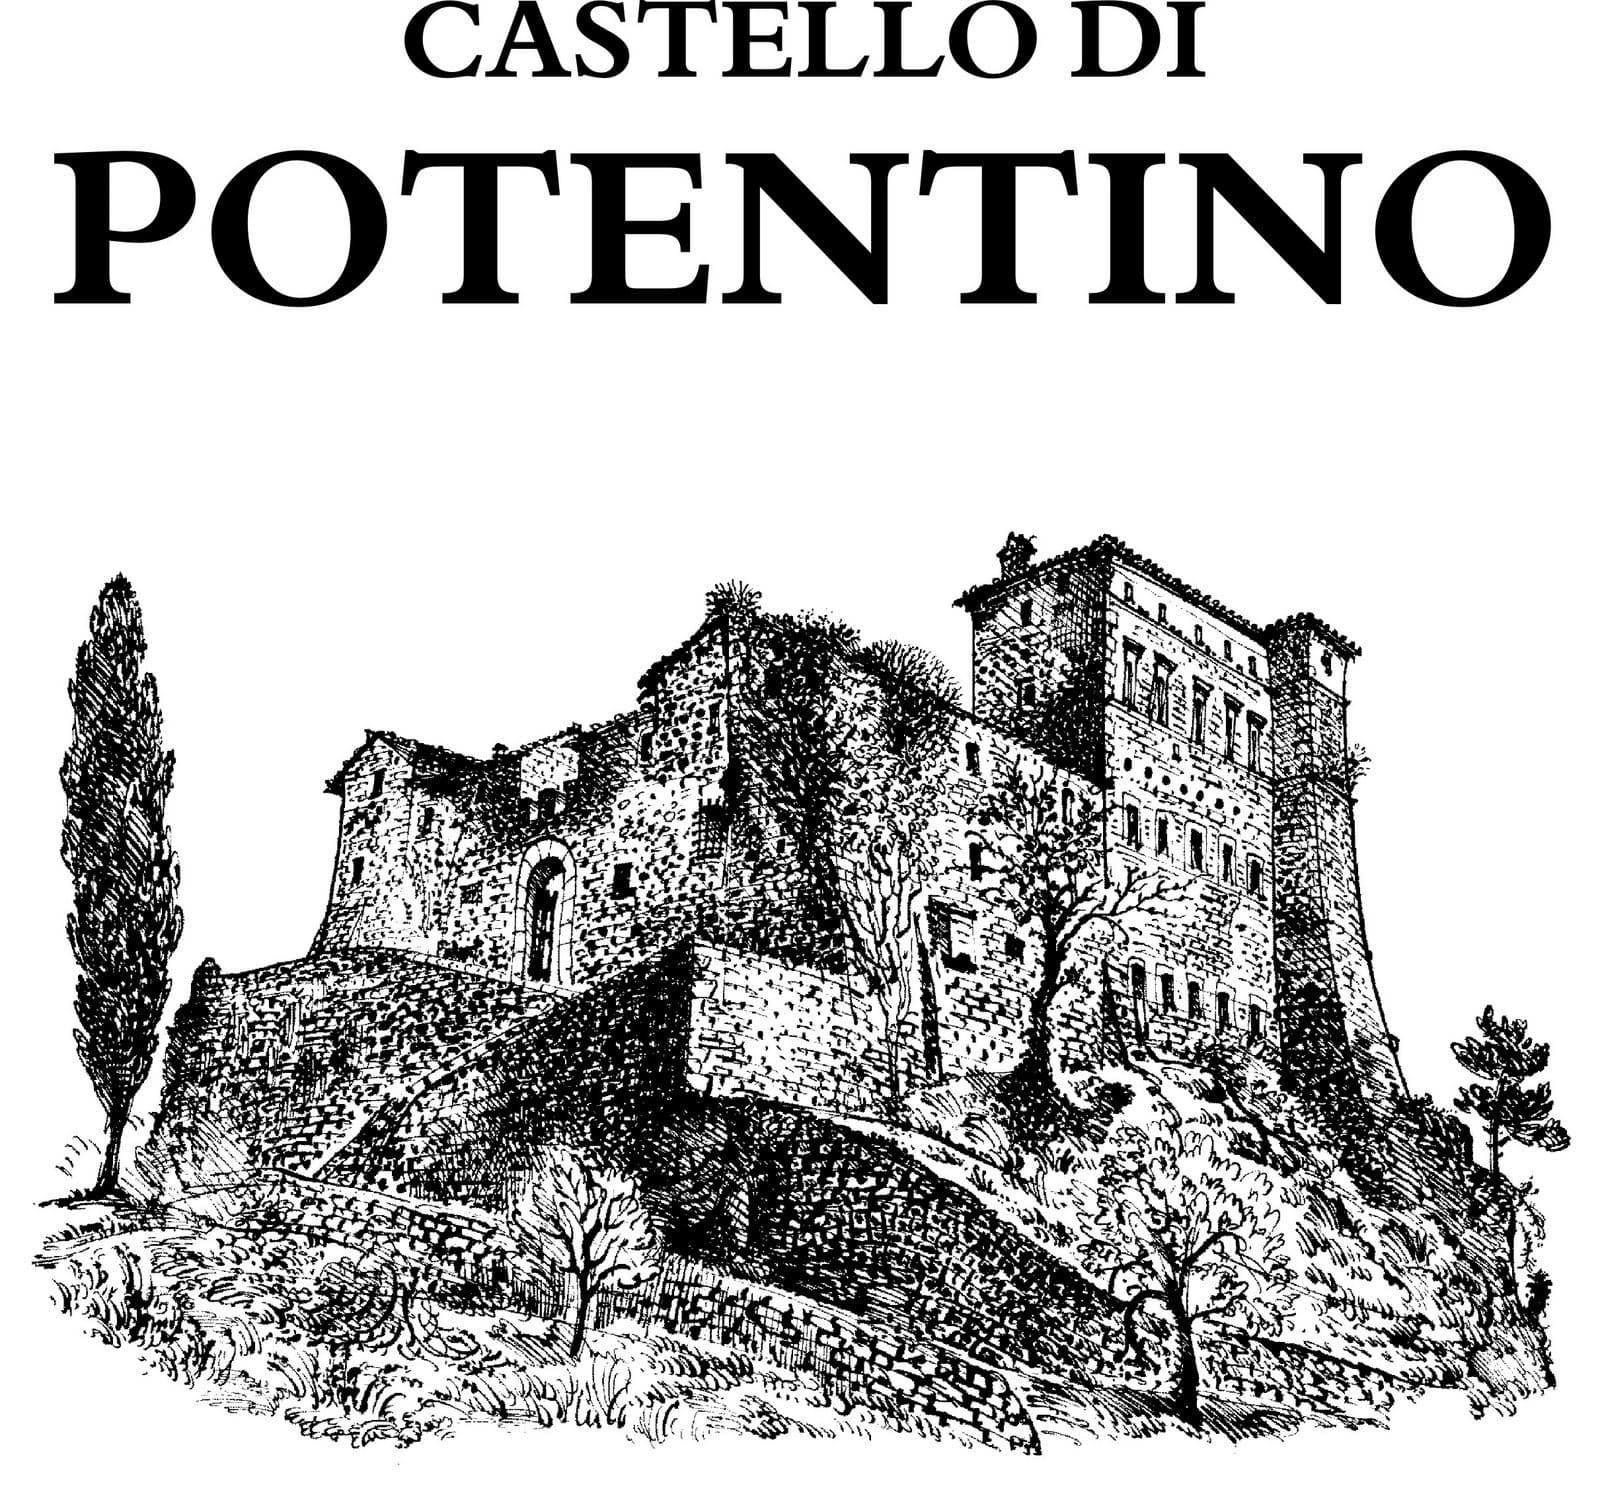 Castello di Potentino - Cantina